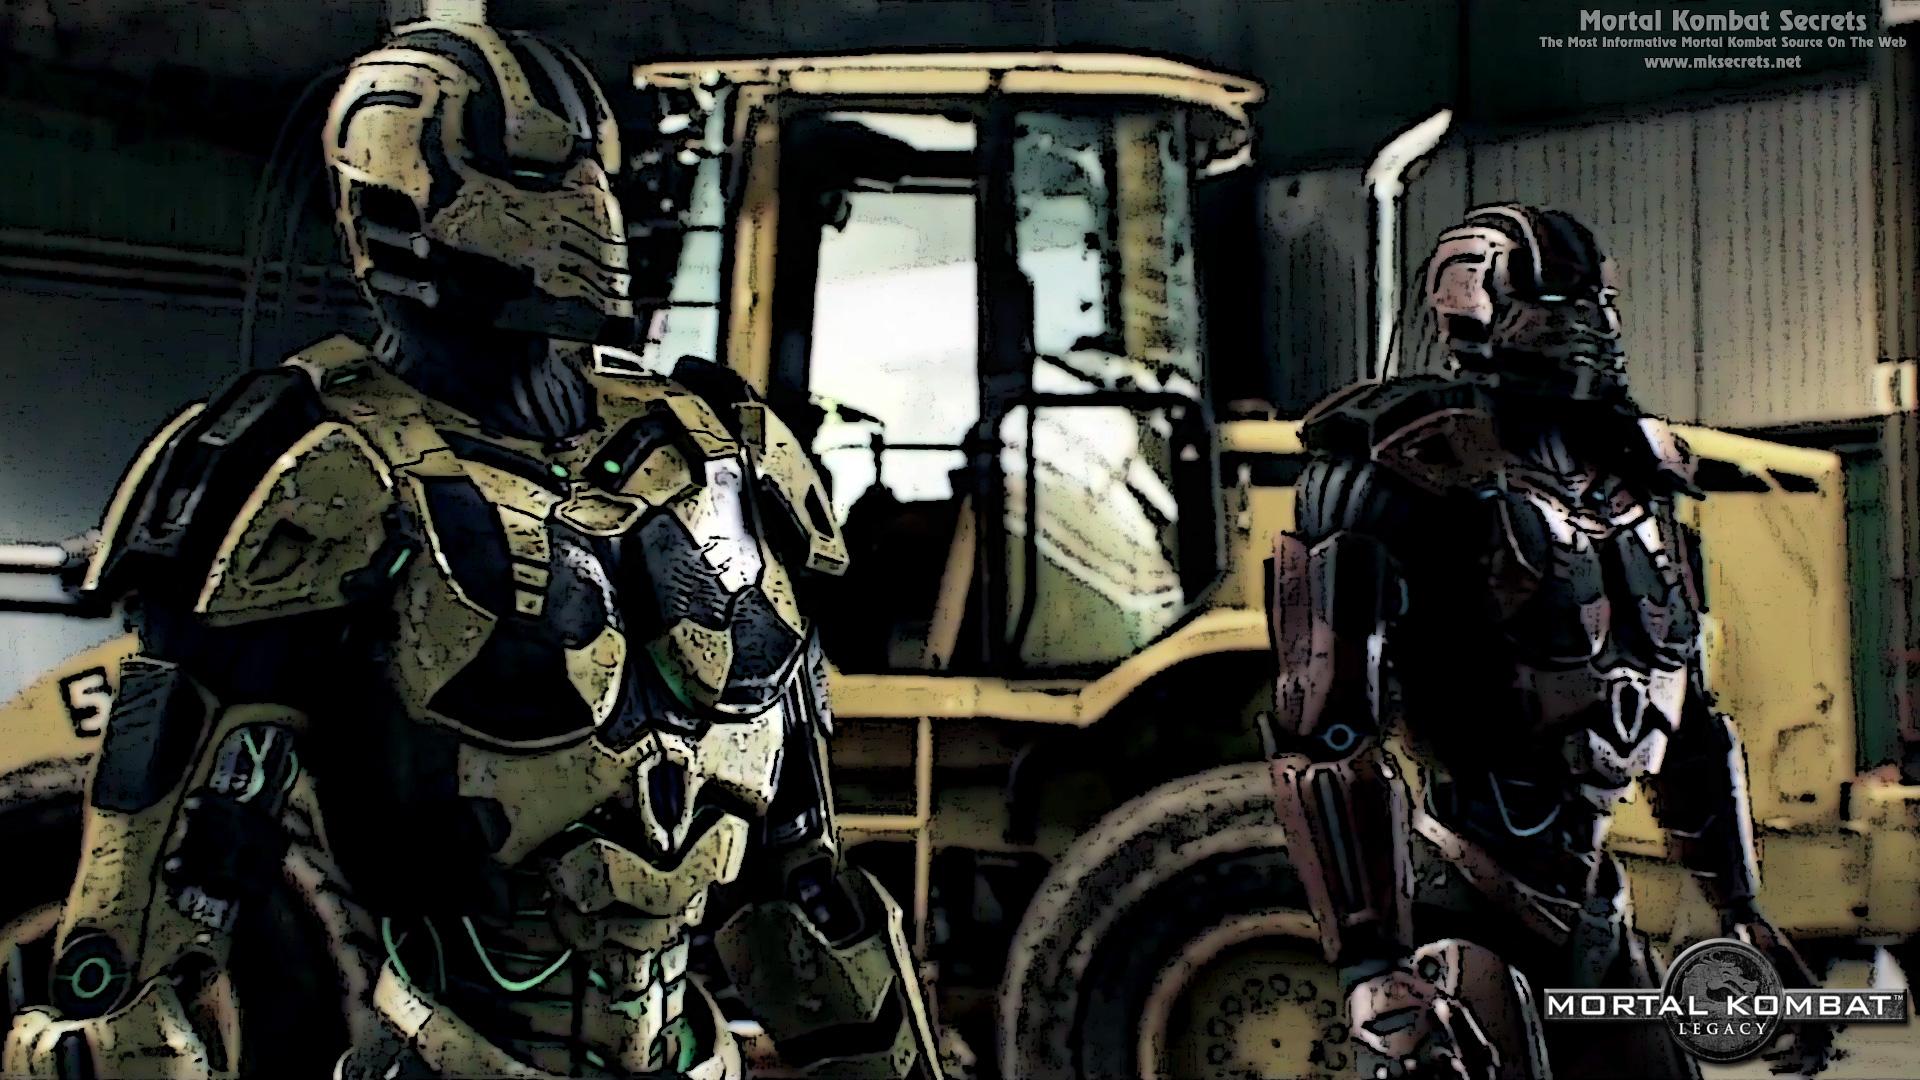 Mortal Kombat: Legacy Season 3 Promo 1